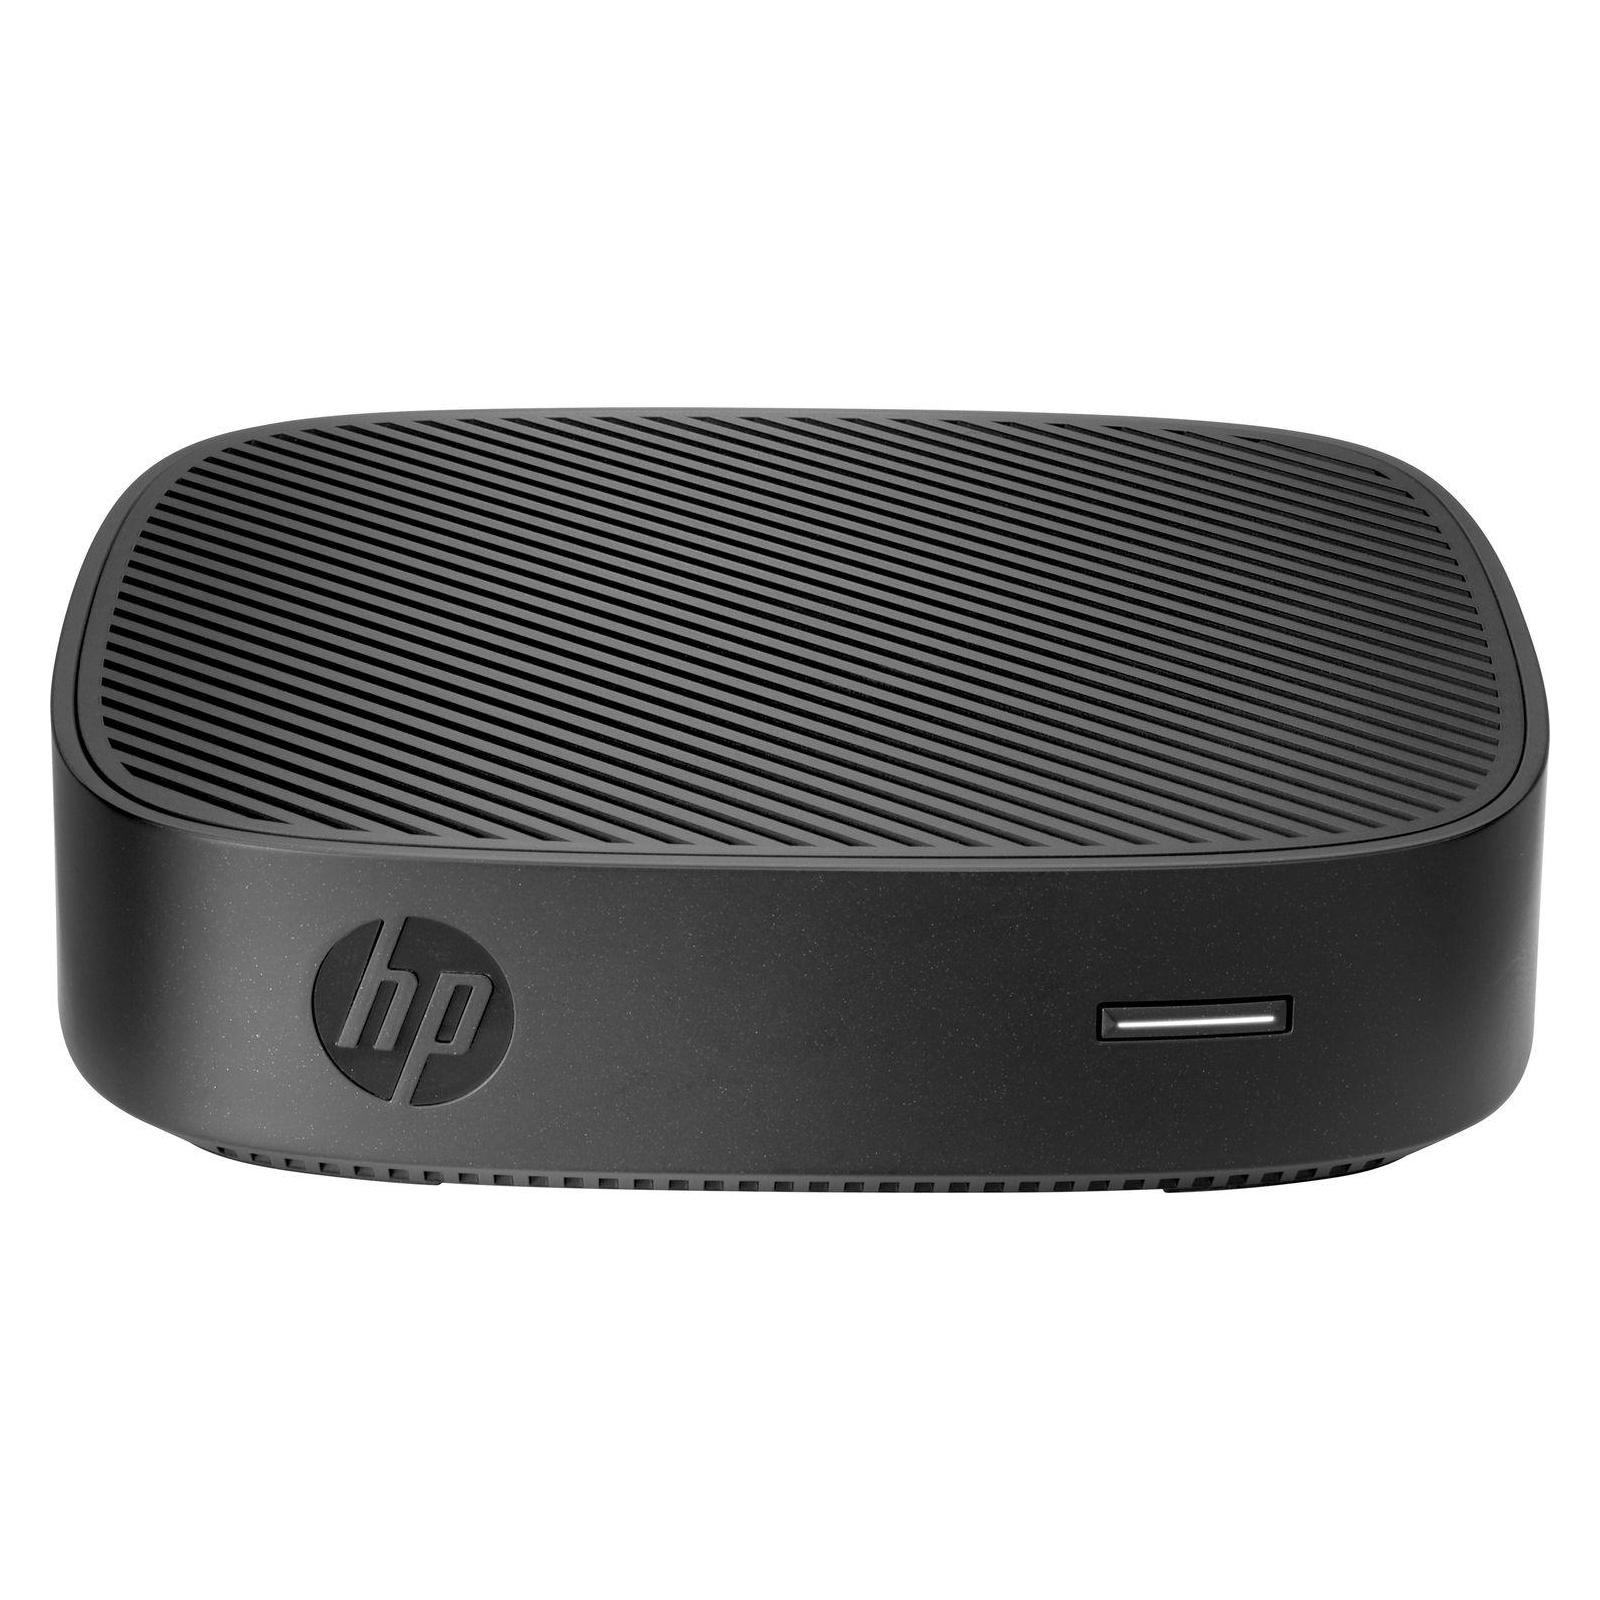 Компьютер HP T430 TPro (3VL62AA) изображение 2